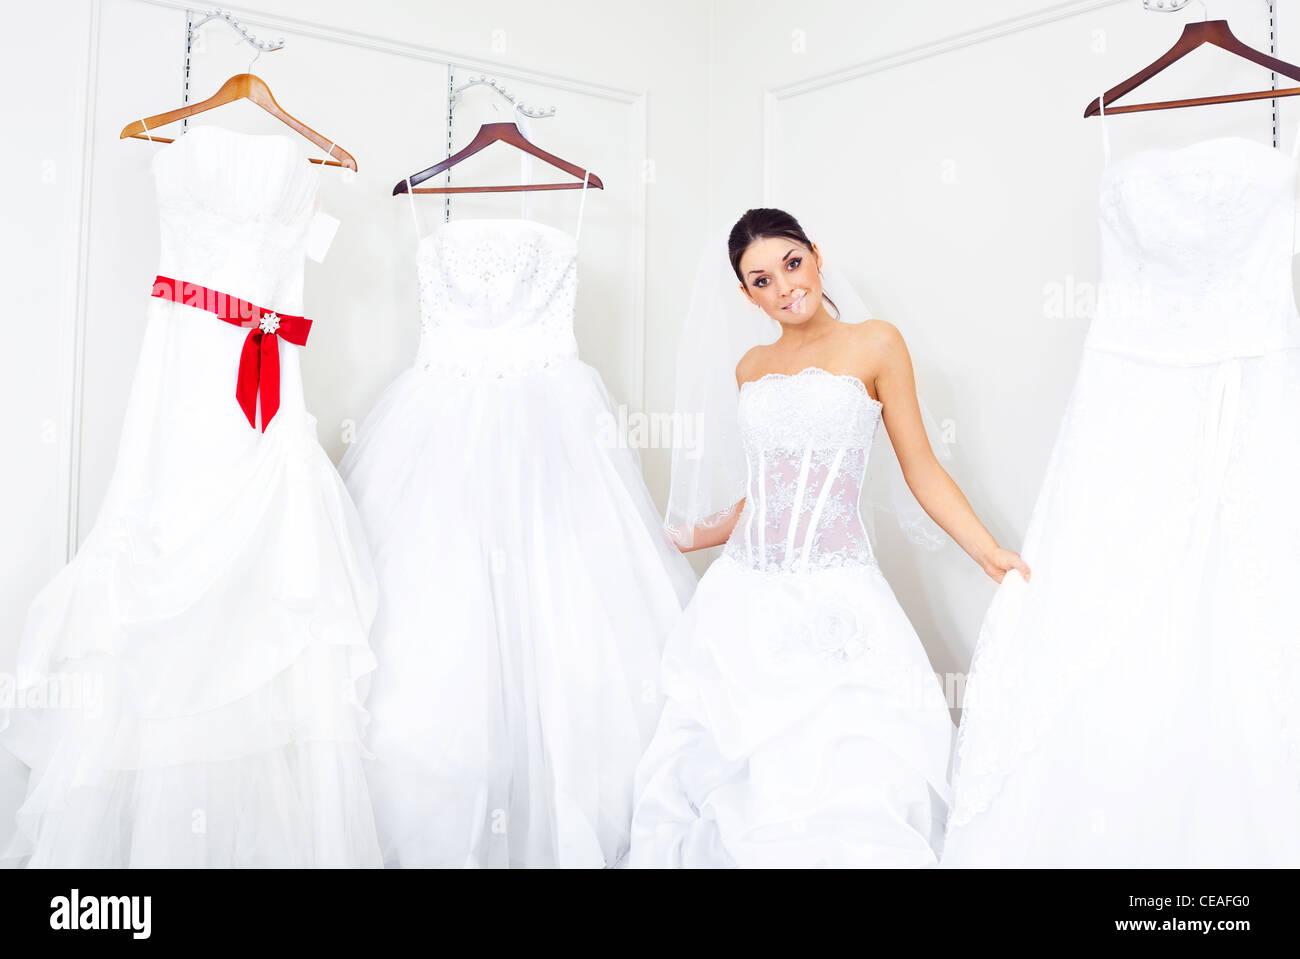 Bridal Wear Shop Stockfotos & Bridal Wear Shop Bilder - Alamy